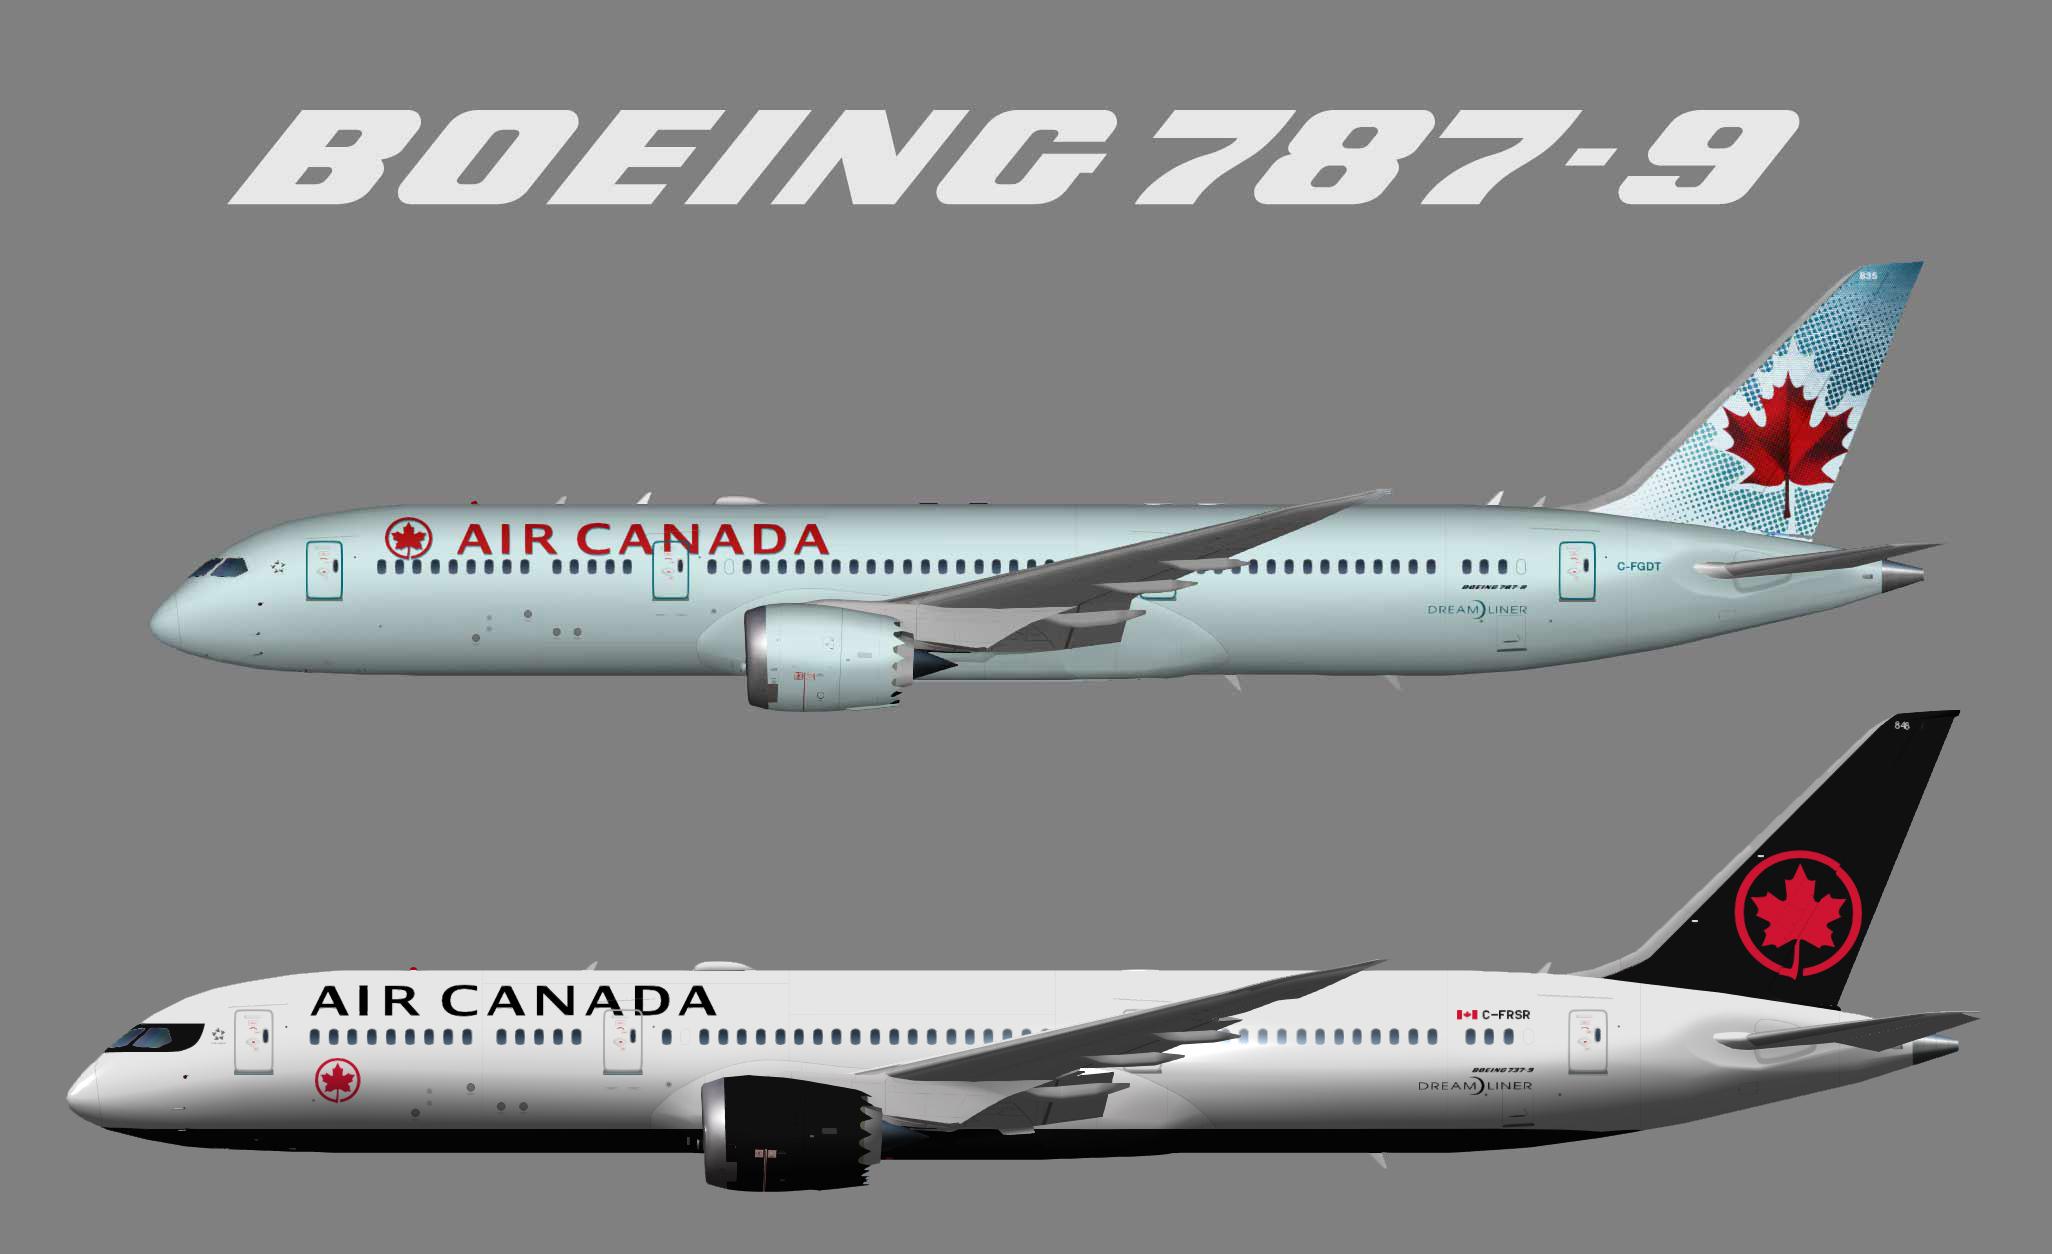 Air Canada Boeing 787-9 (UTT)